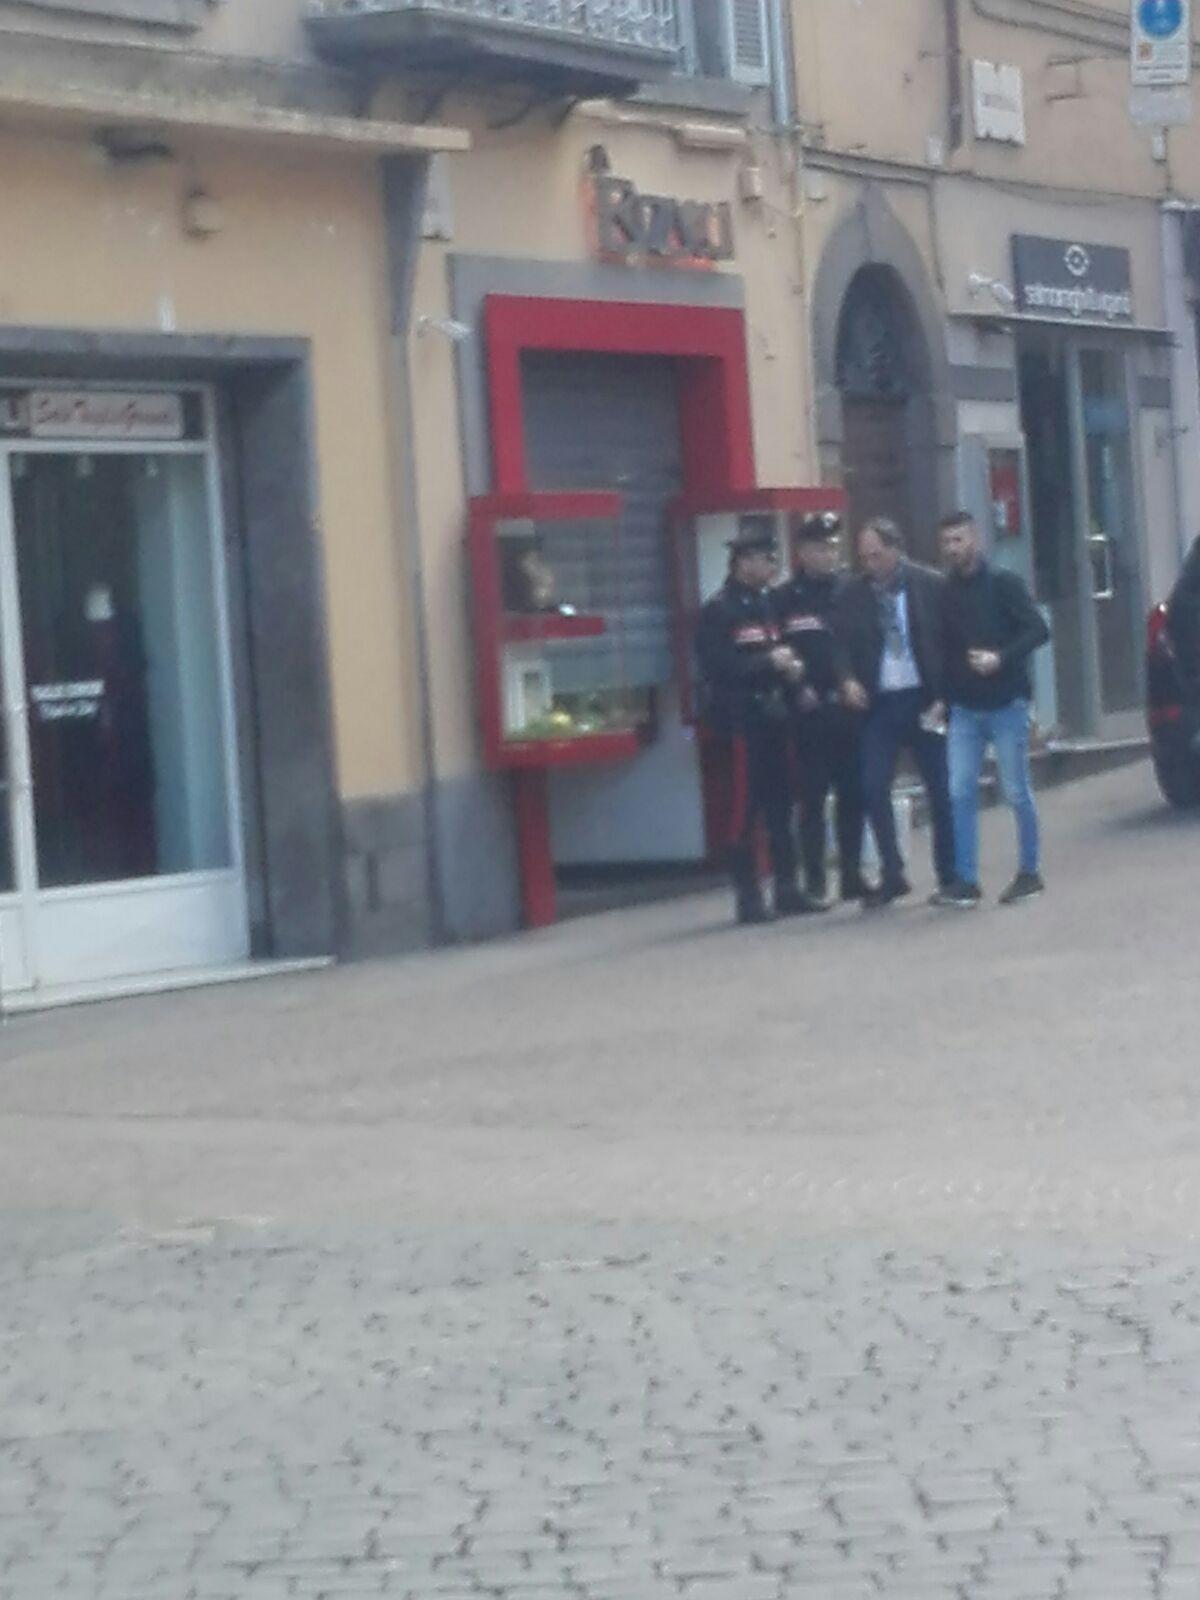 Viterbo, rapina a mano armata ad una gioielleria in pieno centro: altro probabile colpo di criminalità organizzata